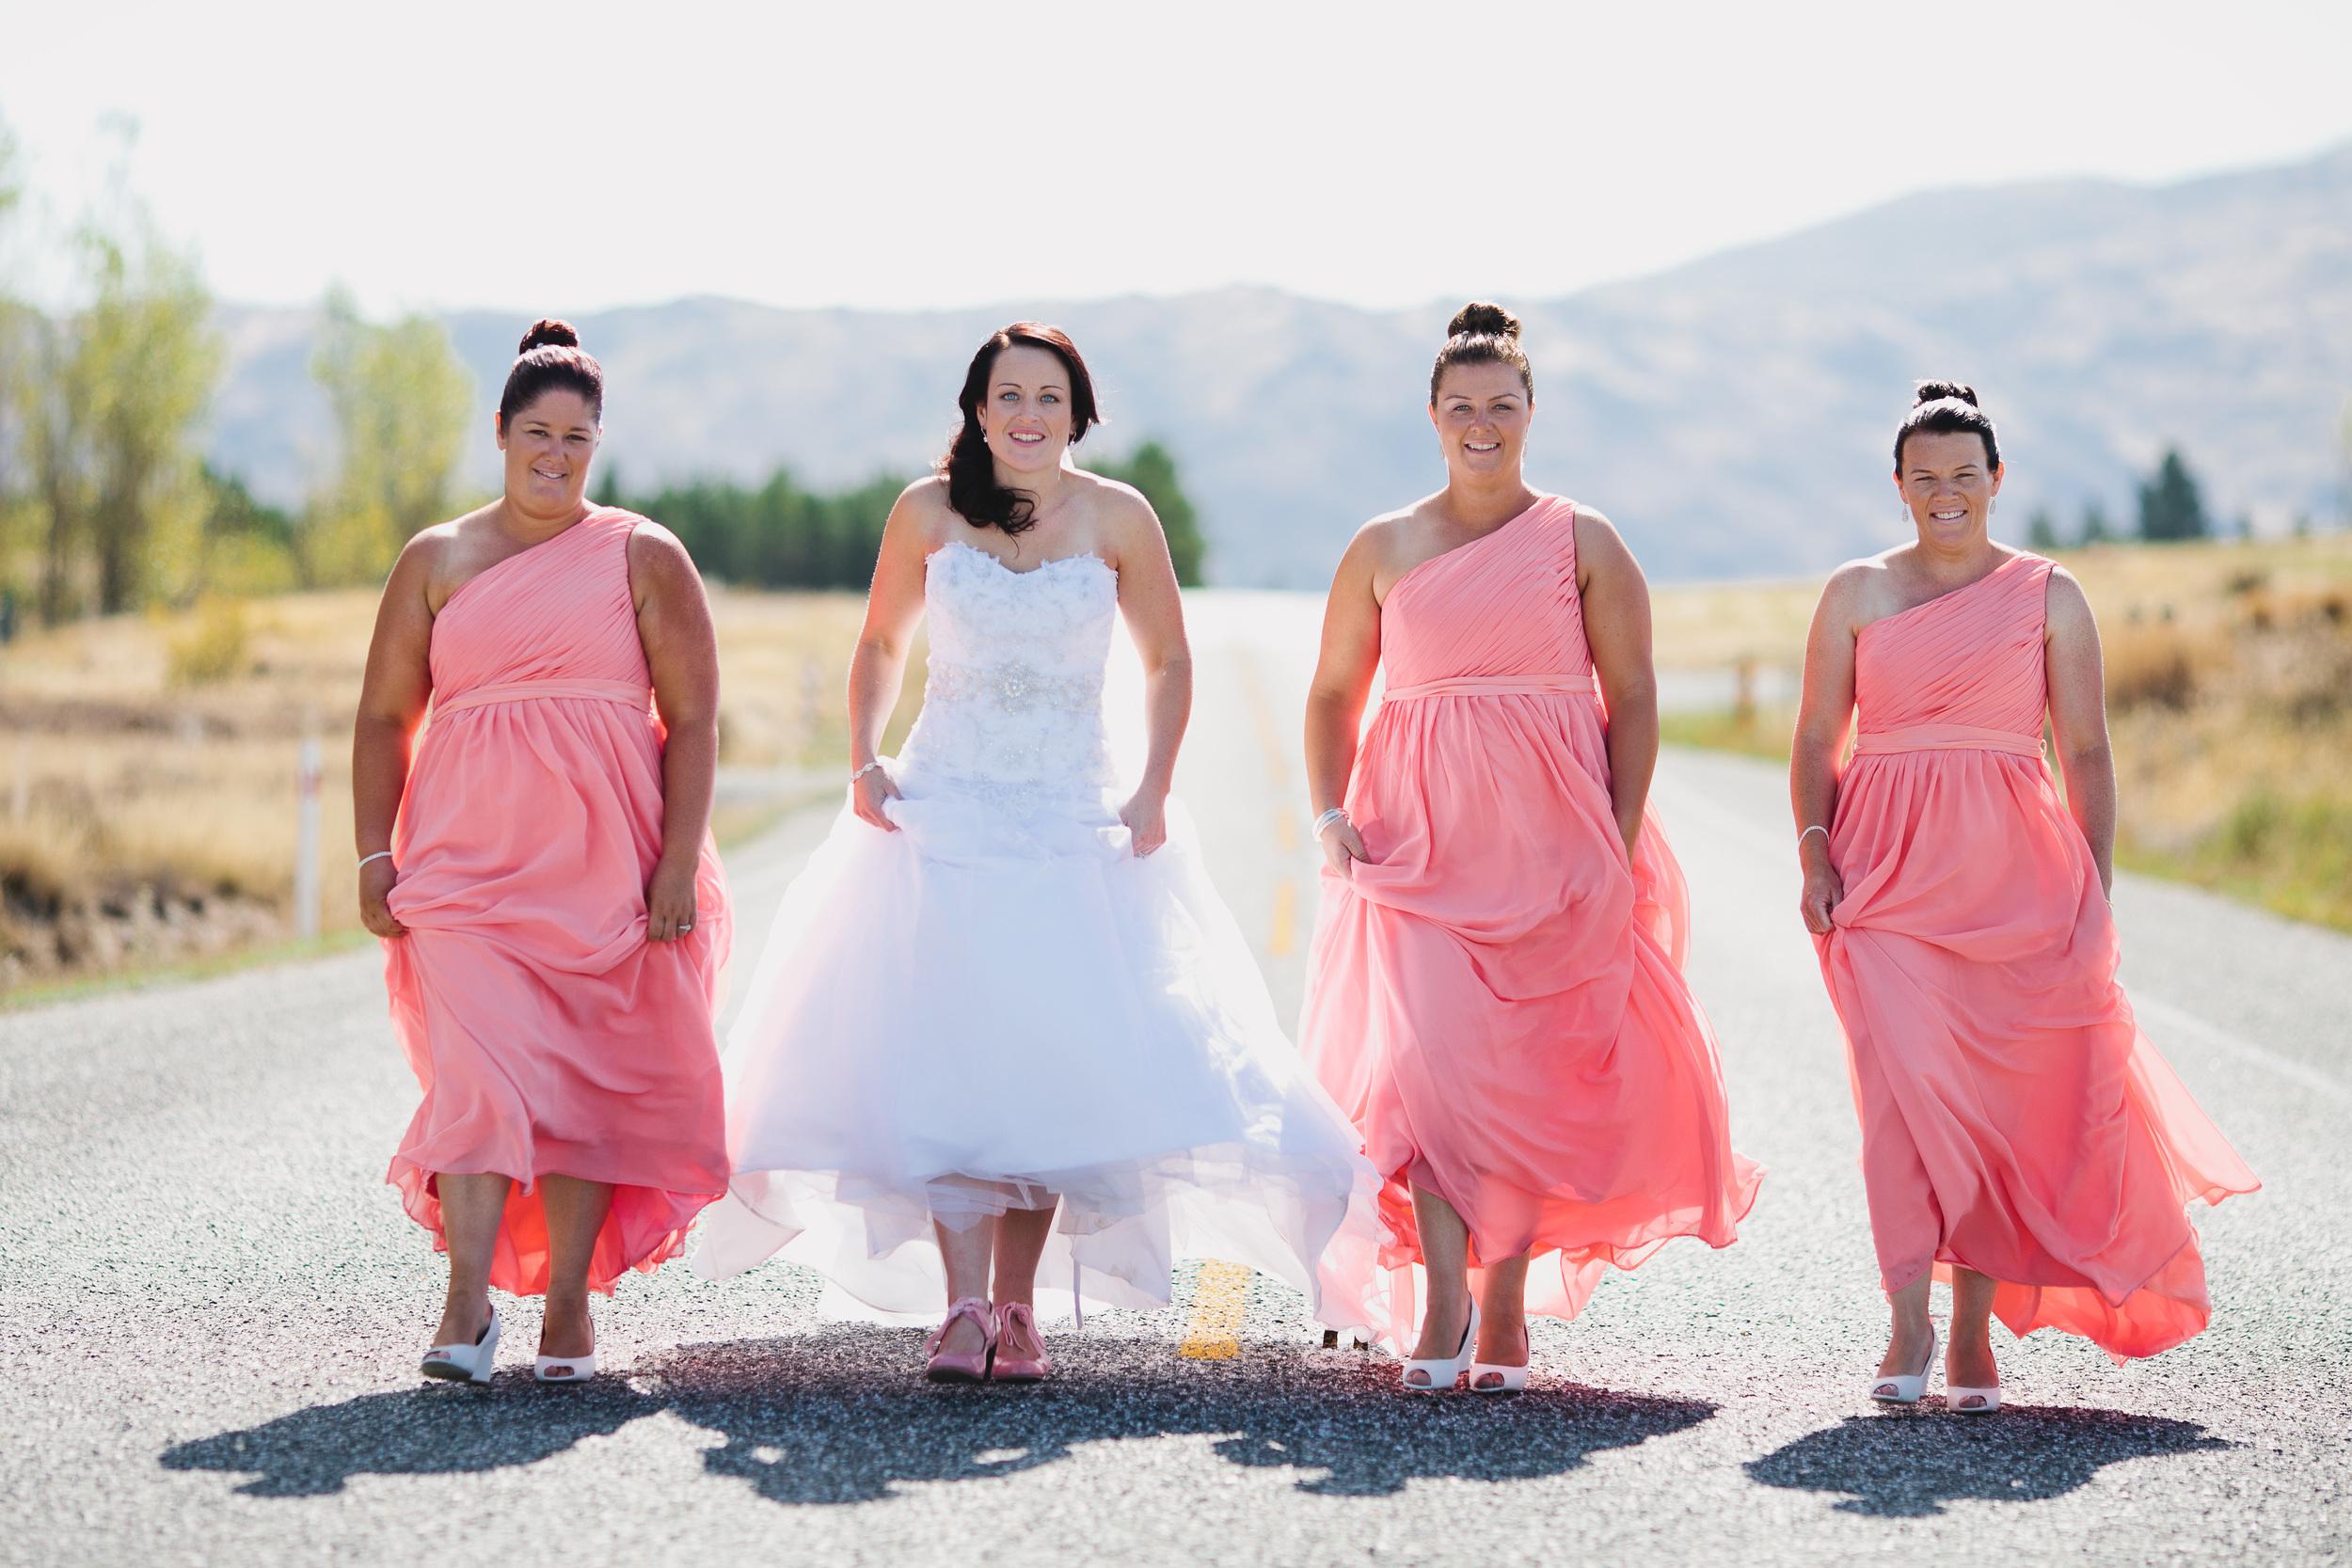 Bridesmaids_makeup.jpg